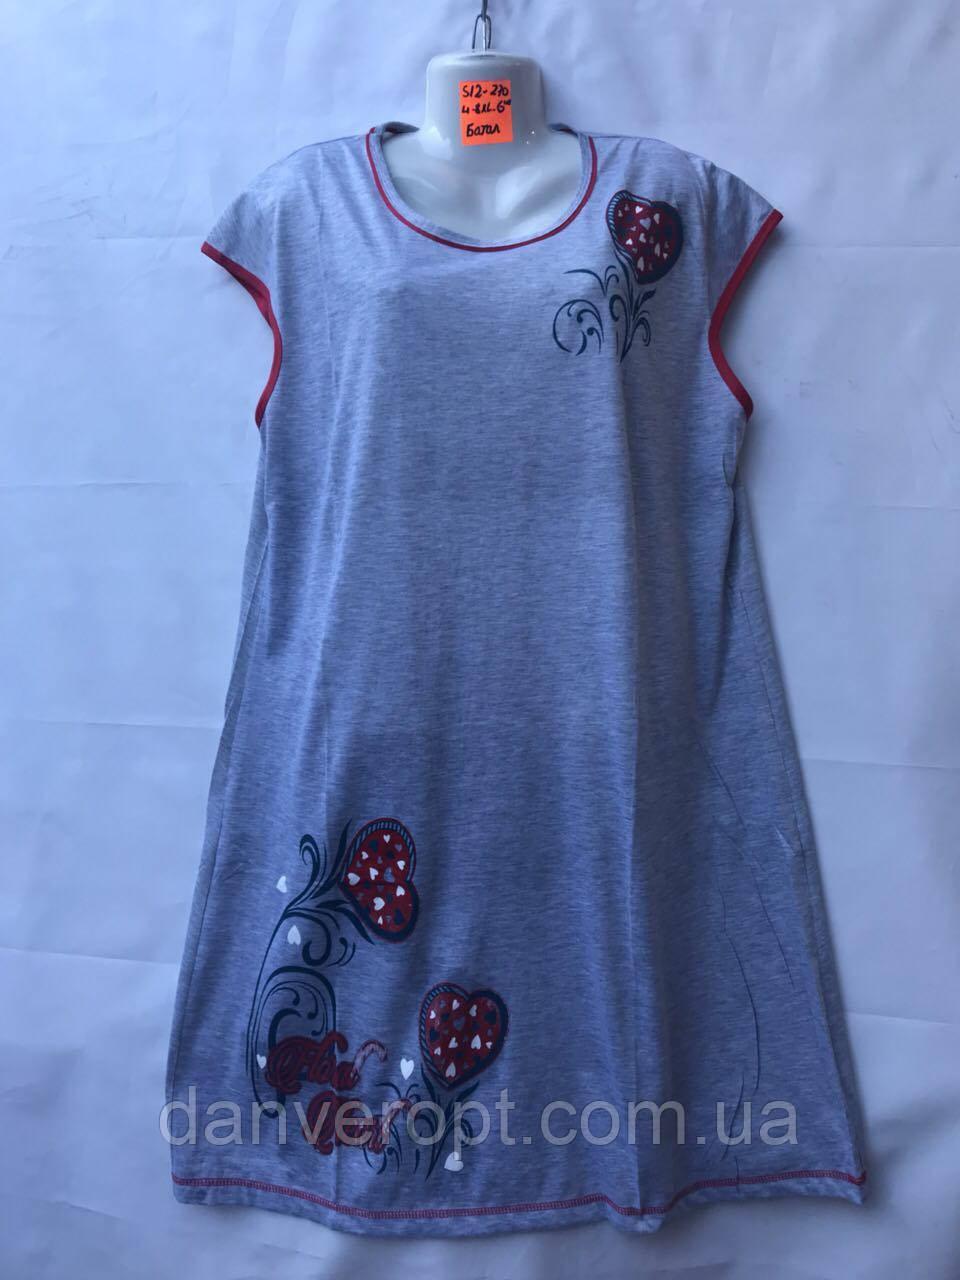 Нічна сорочка жіноча стильна розмір 4XL-8XL батал купити оптом зі складу 7км Одеса